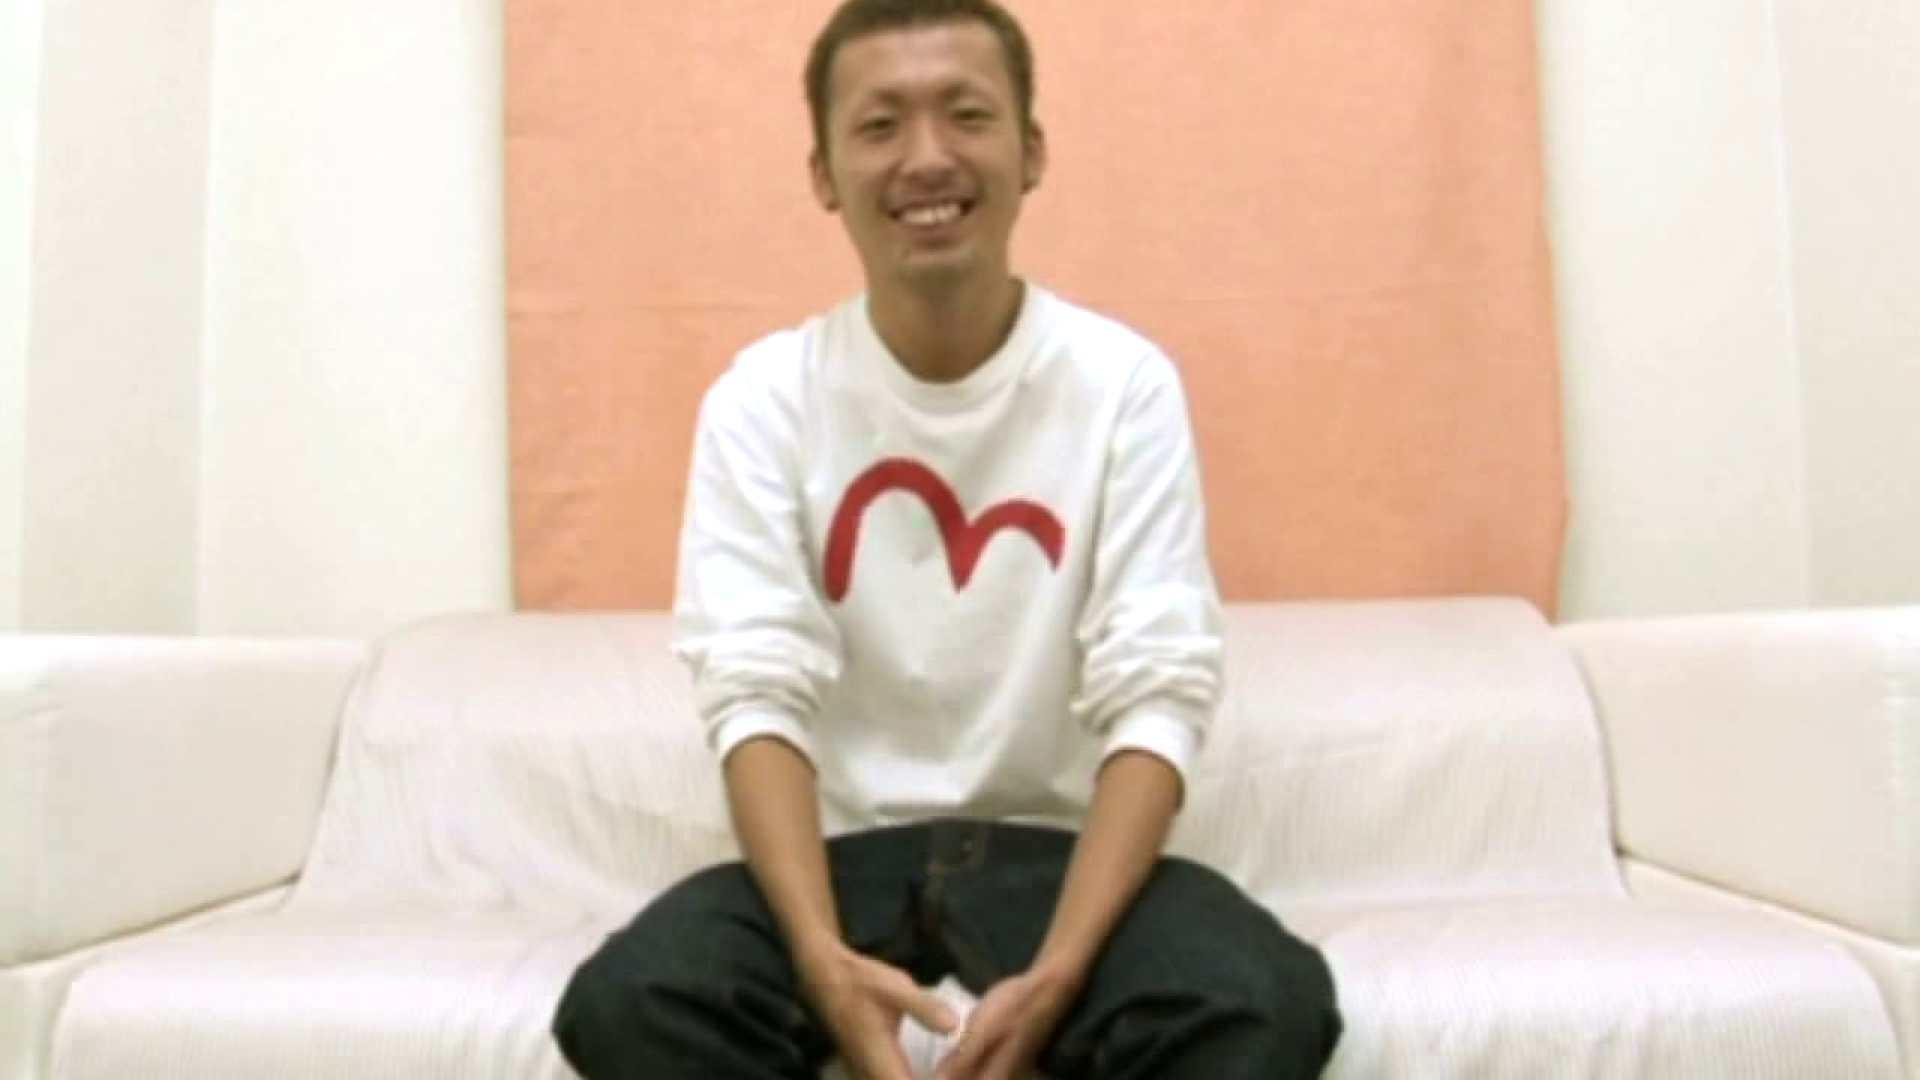 ノンケ!自慰スタジオ No.11 男の裸 ゲイザーメン画像 78pic 36